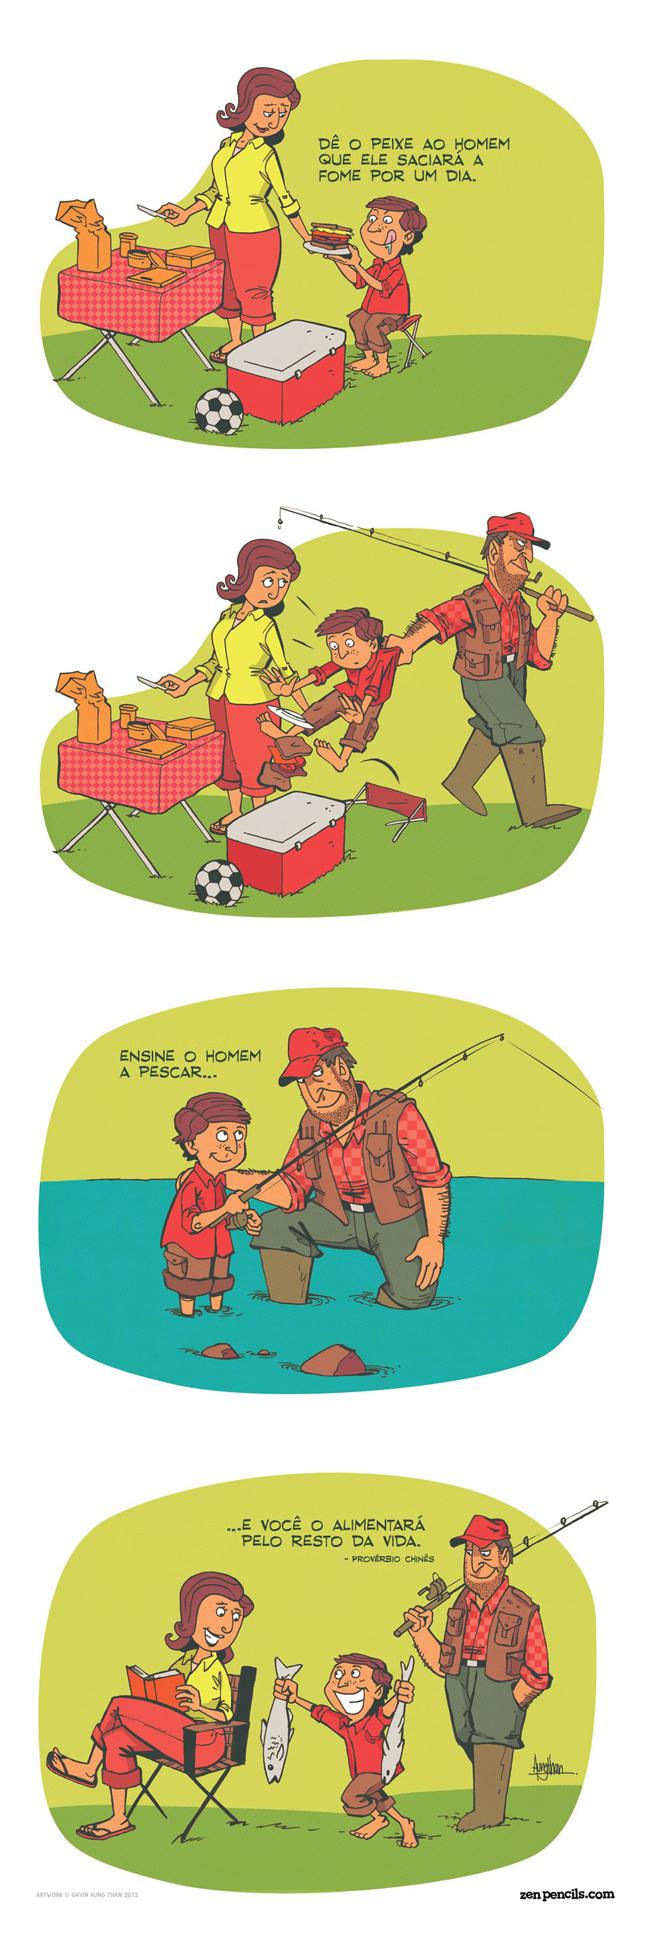 ensinando-a-pescar